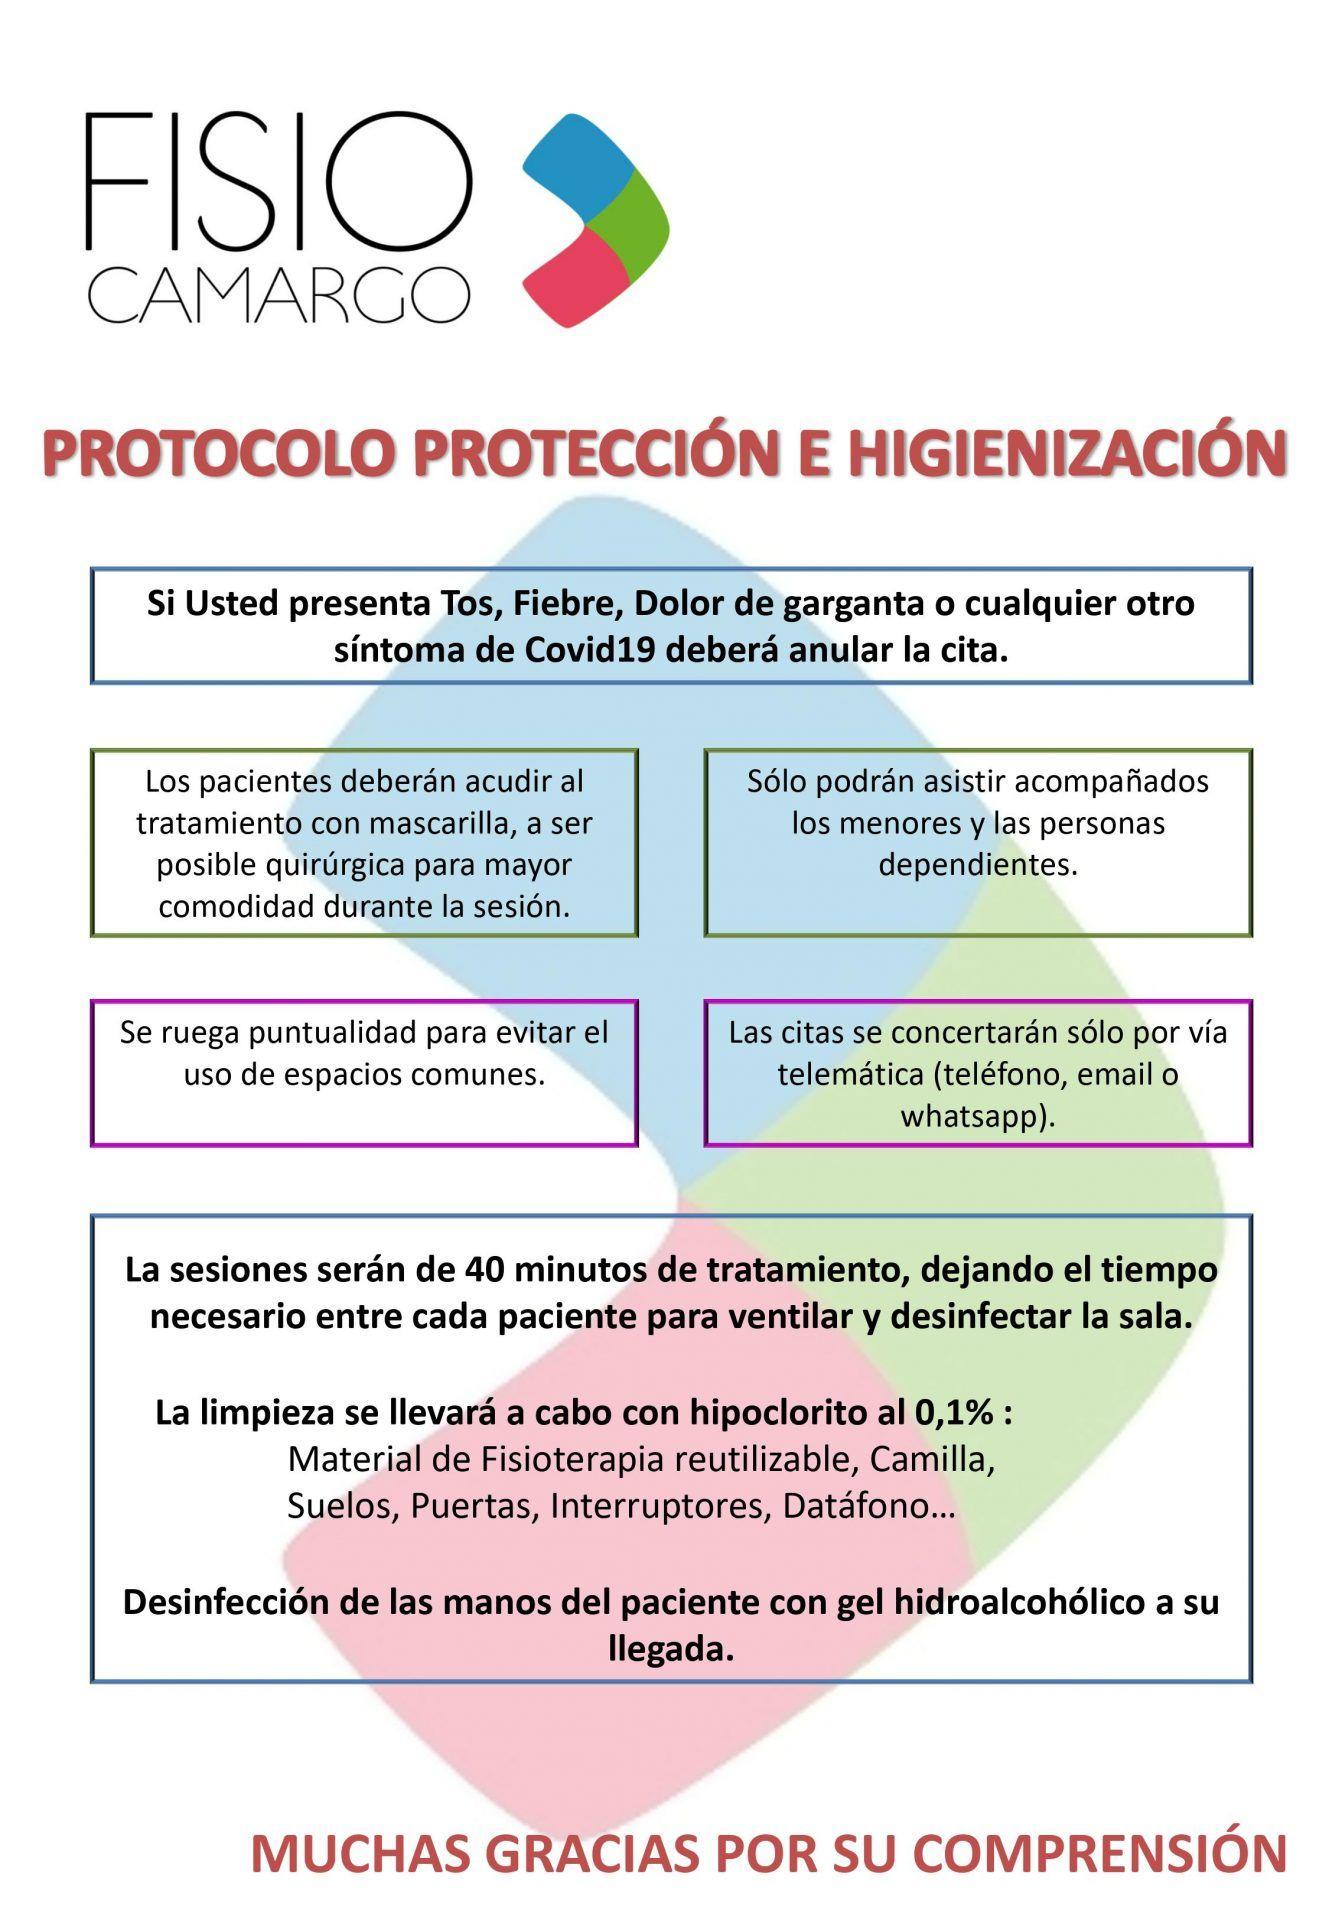 Protocolo Protección E Higienización Covid19